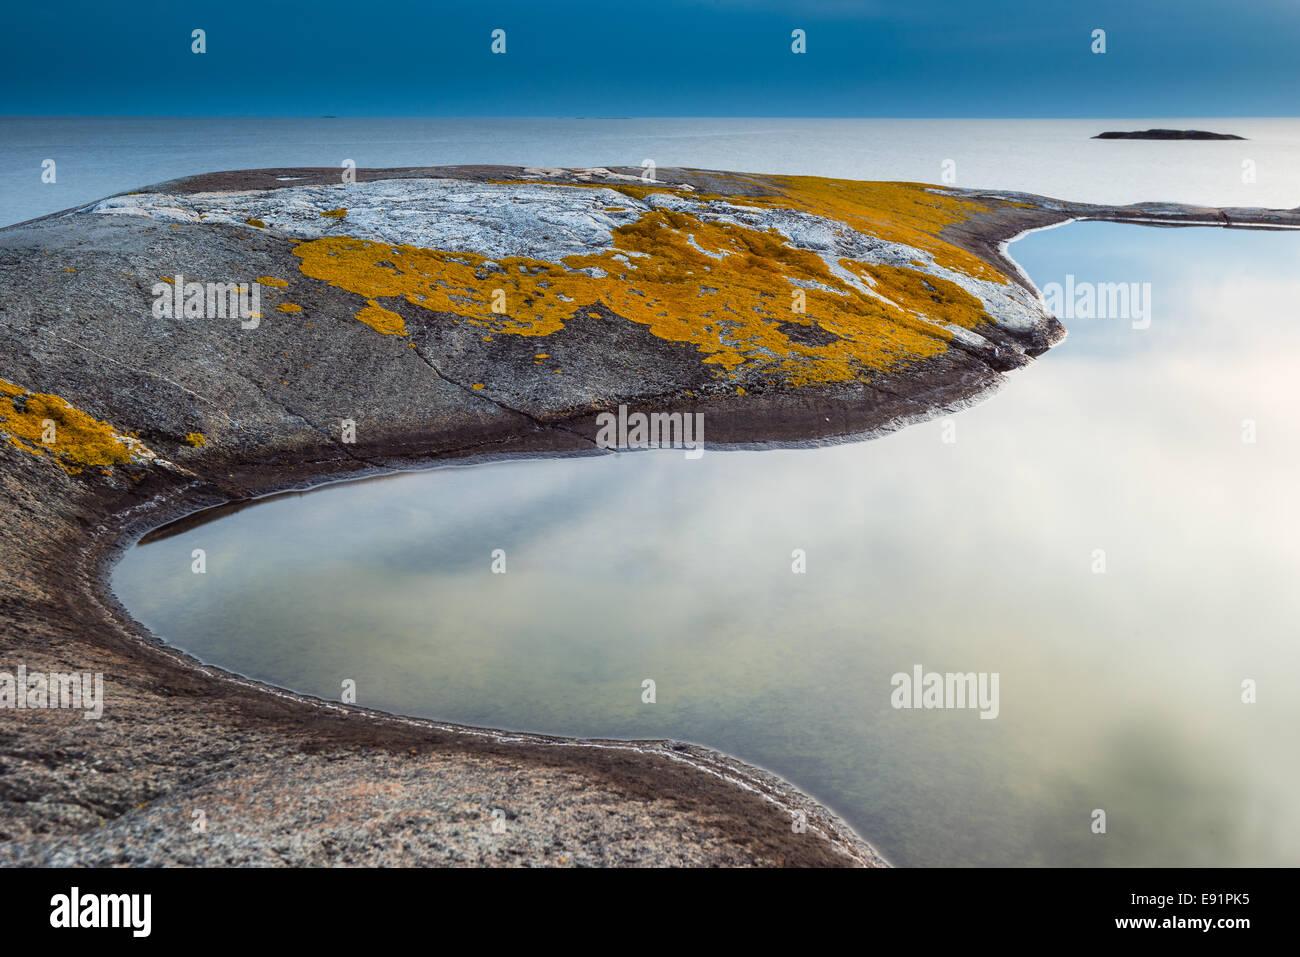 Glatte Ursuppe von bemoosten Felsen eingefasst Stockbild